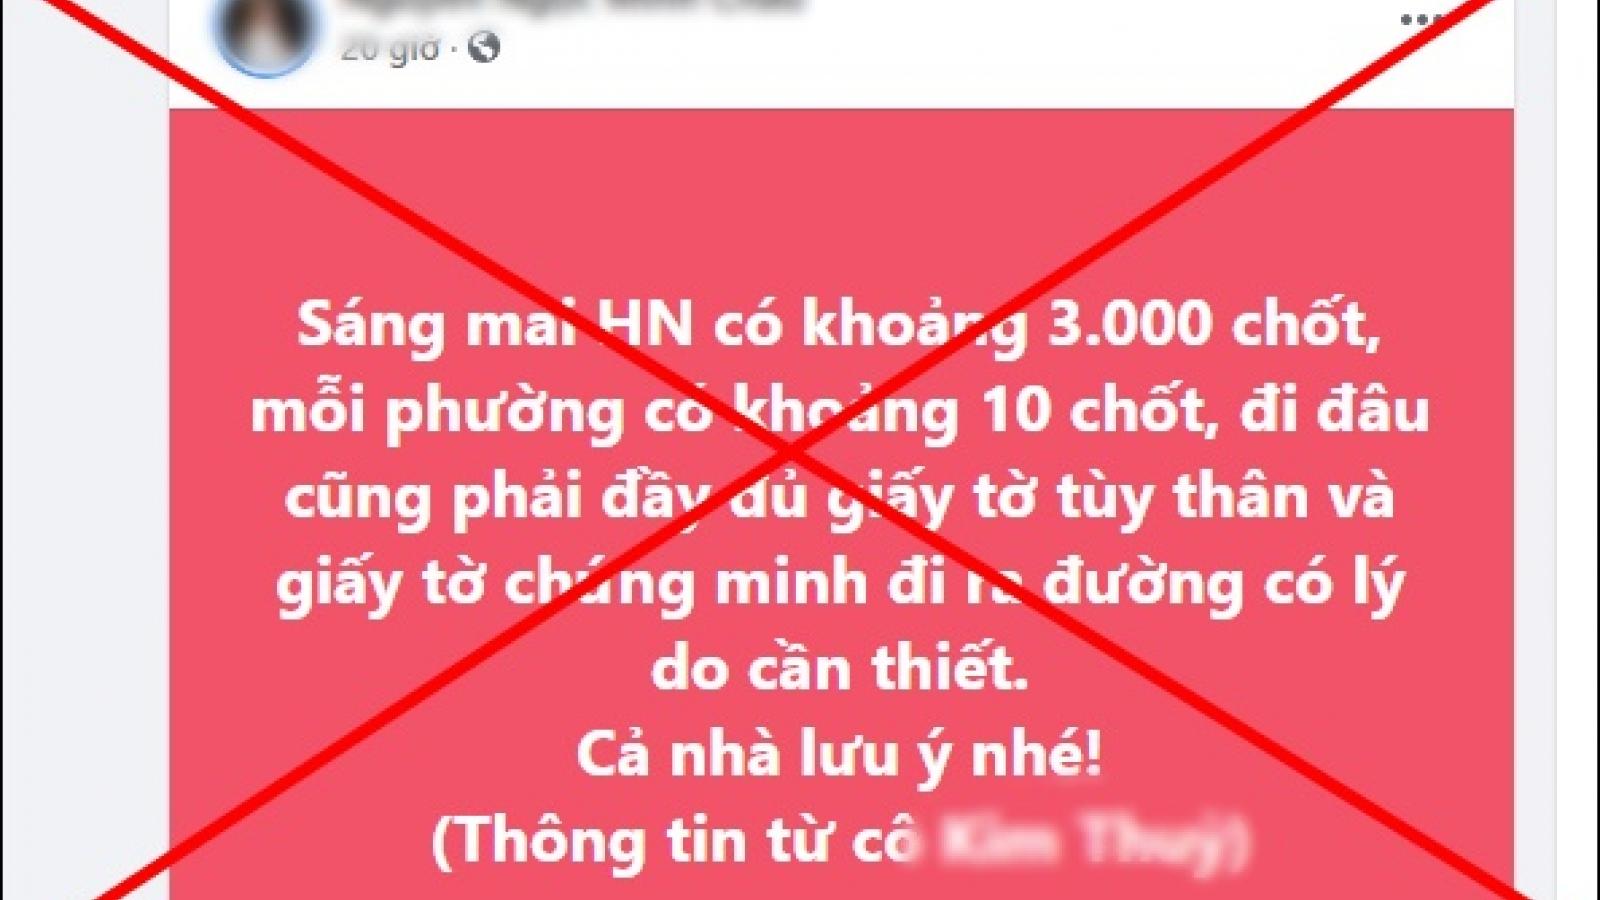 Truy tìm kẻ tung tin đồn Hà Nội lập 3.000 chốt phòng chống dịch COVID-19